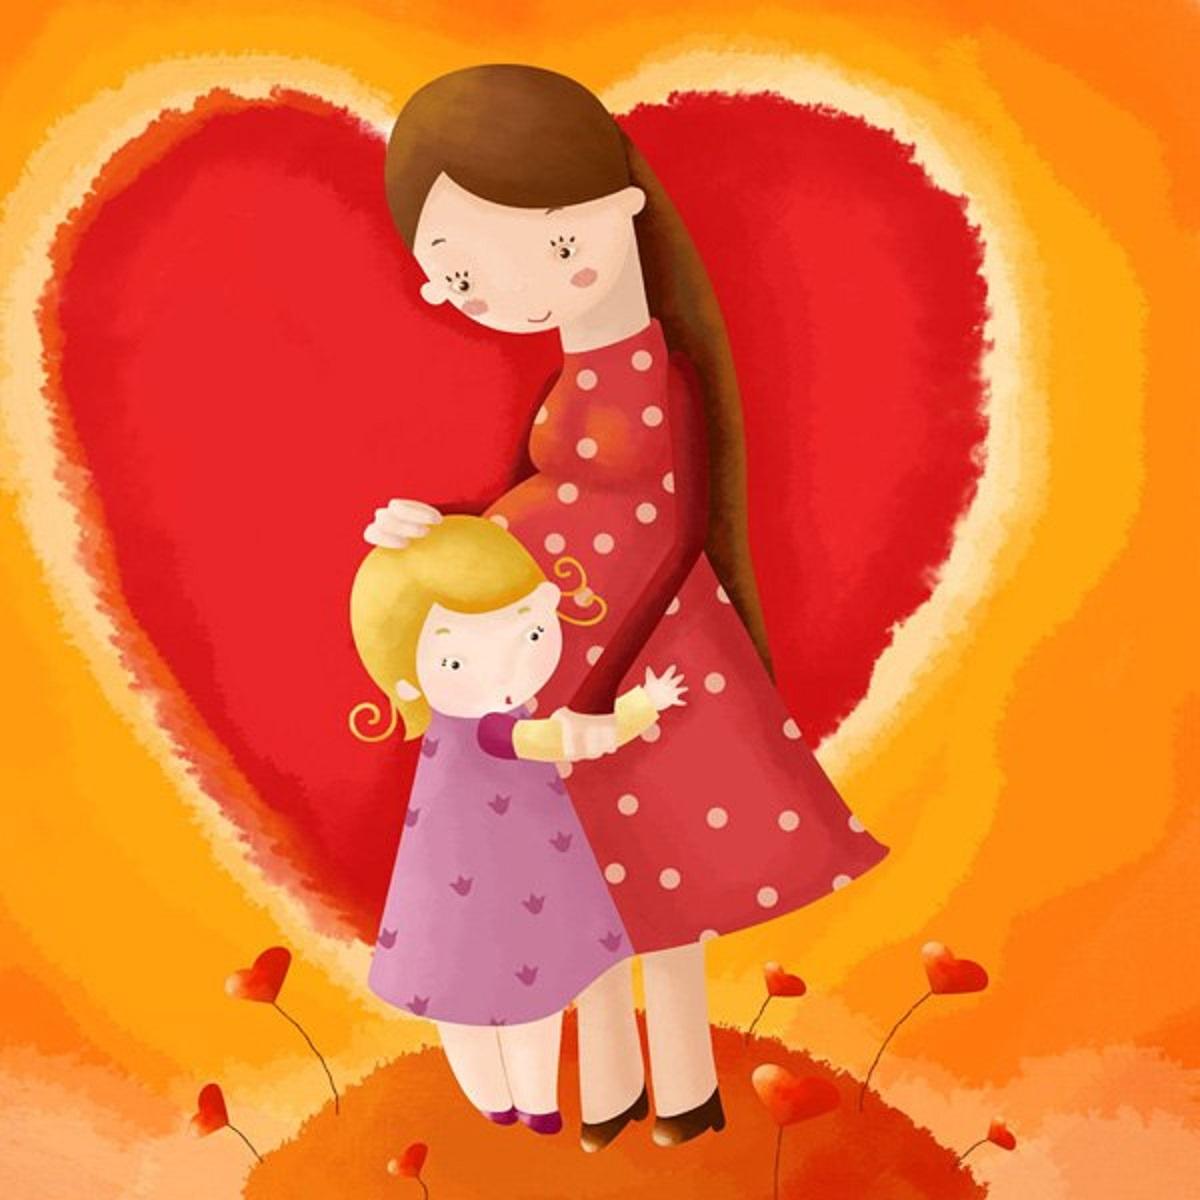 Красивые картинки маме о любви